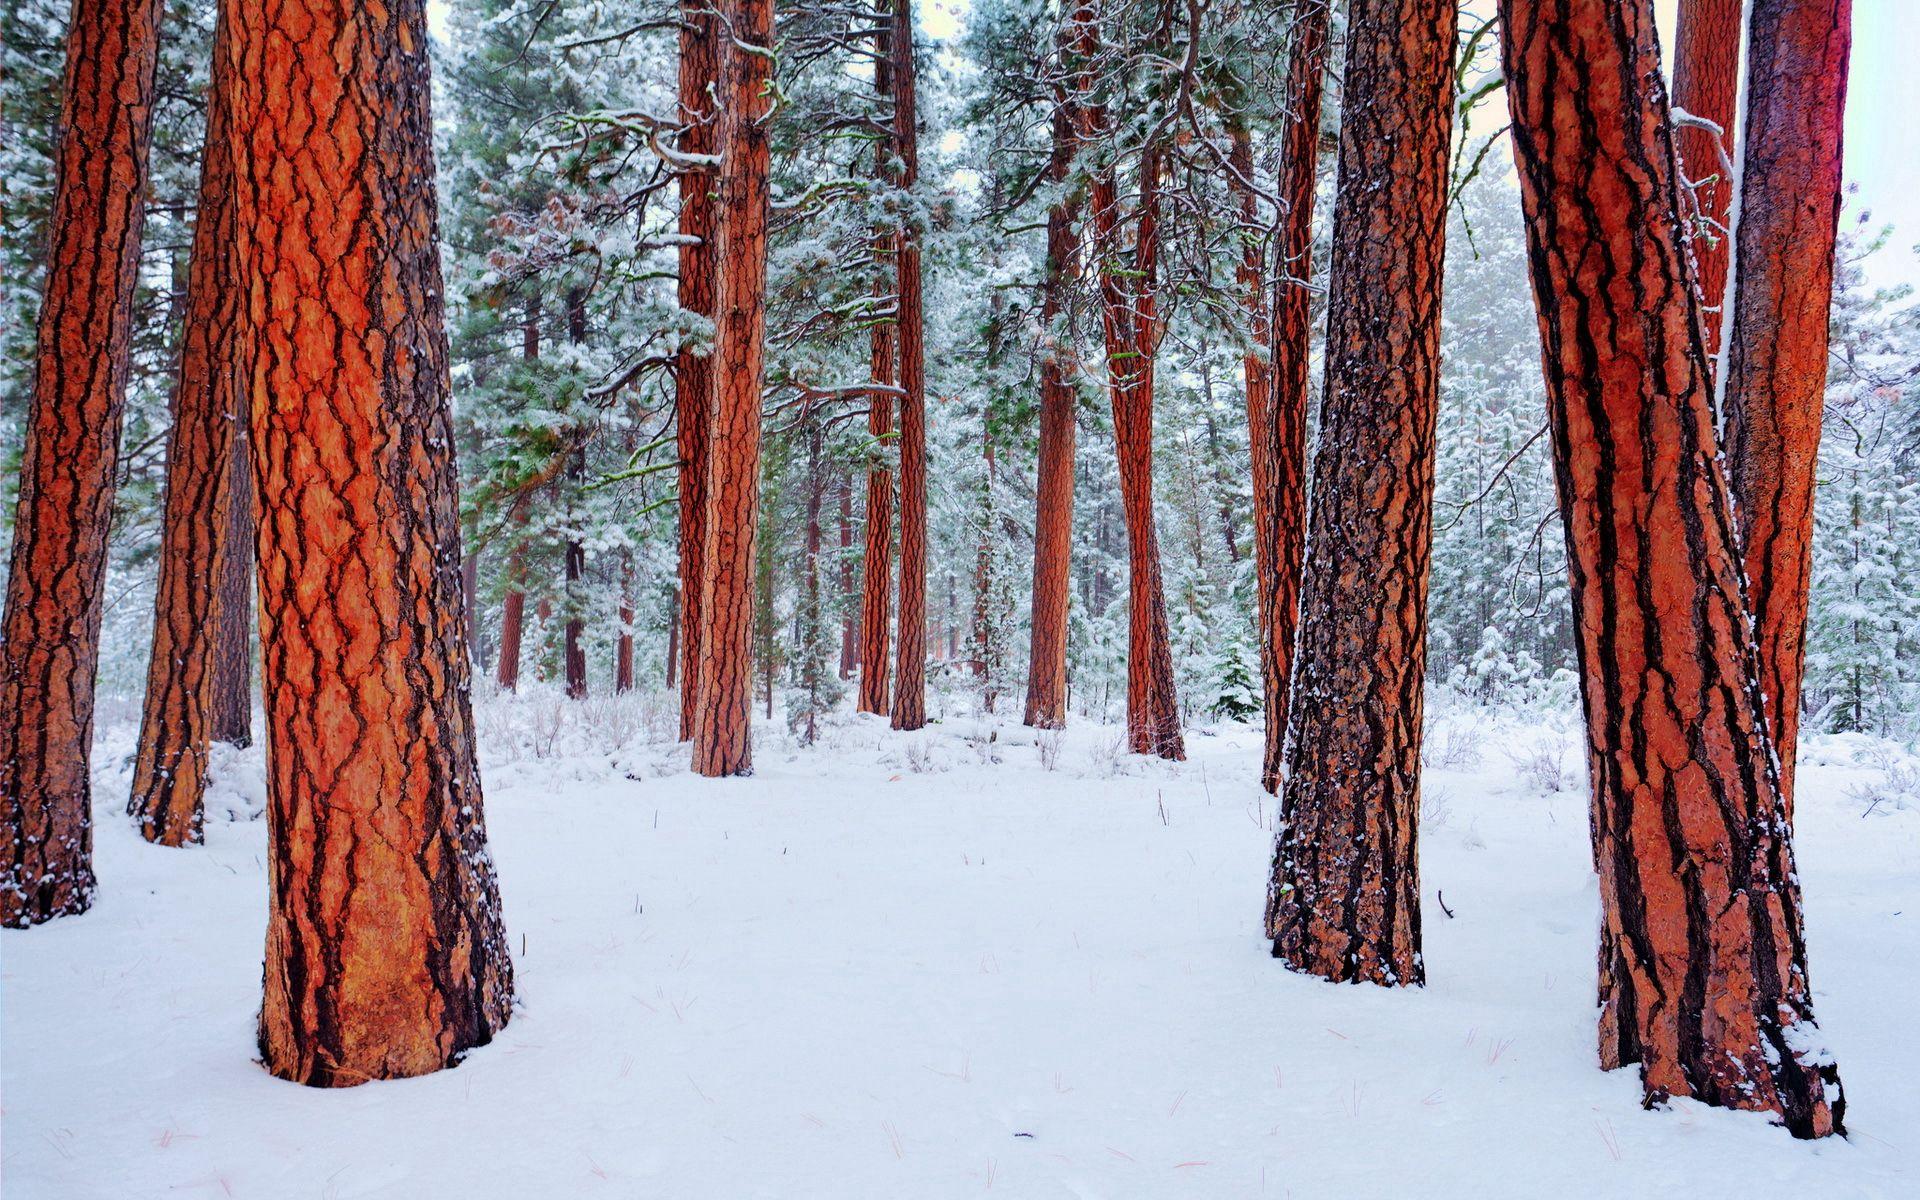 67964 Заставки и Обои Зима на телефон. Скачать Природа, Зима, Деревья картинки бесплатно